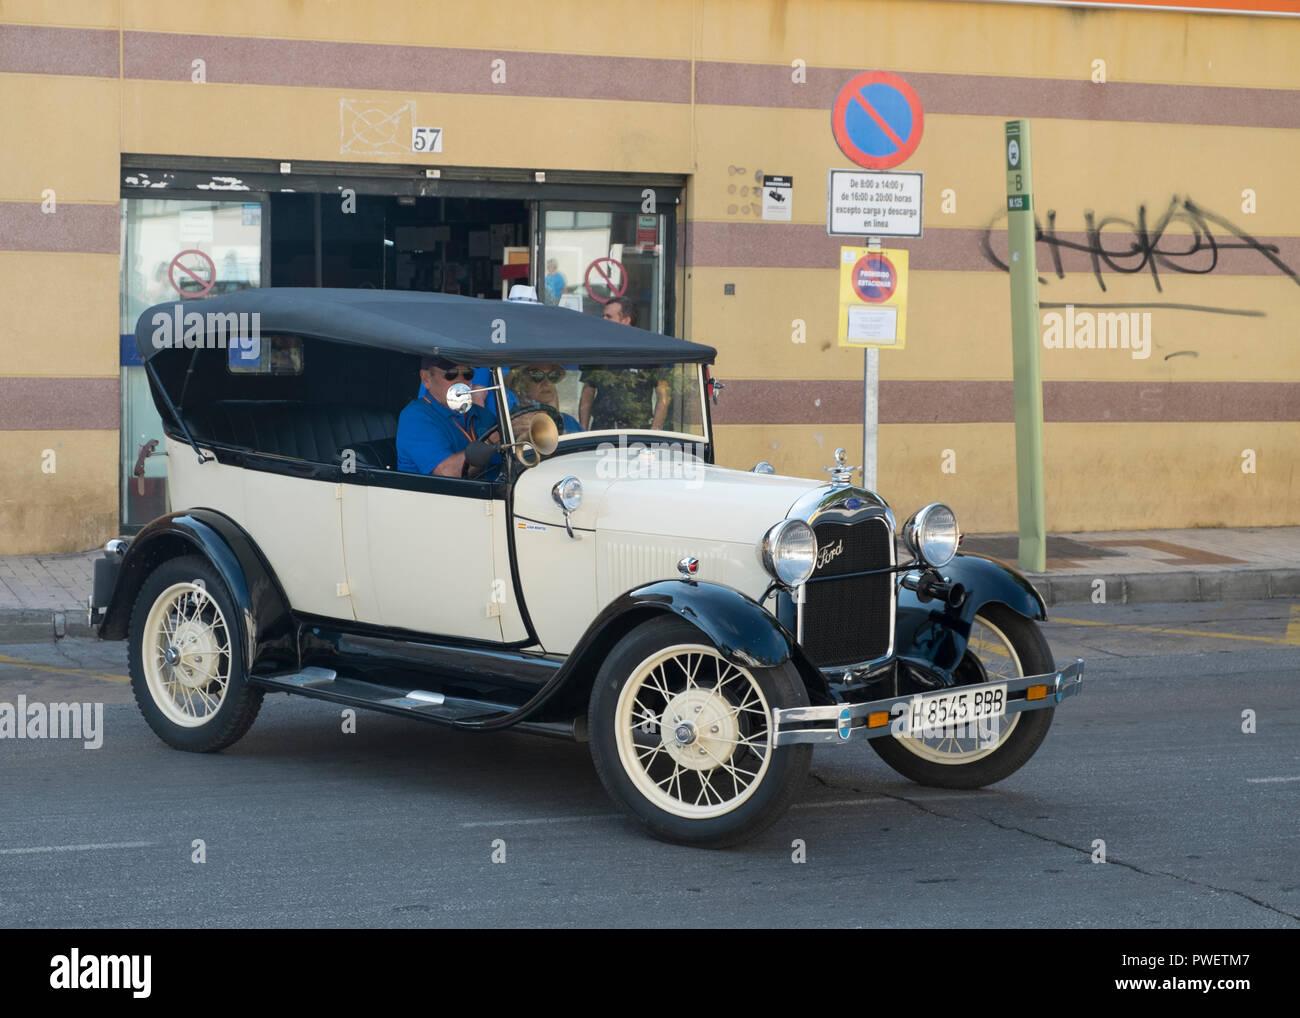 1929 Ford A. Reunión de coches clásicos en Torremolinos, Málaga, España. Foto de stock